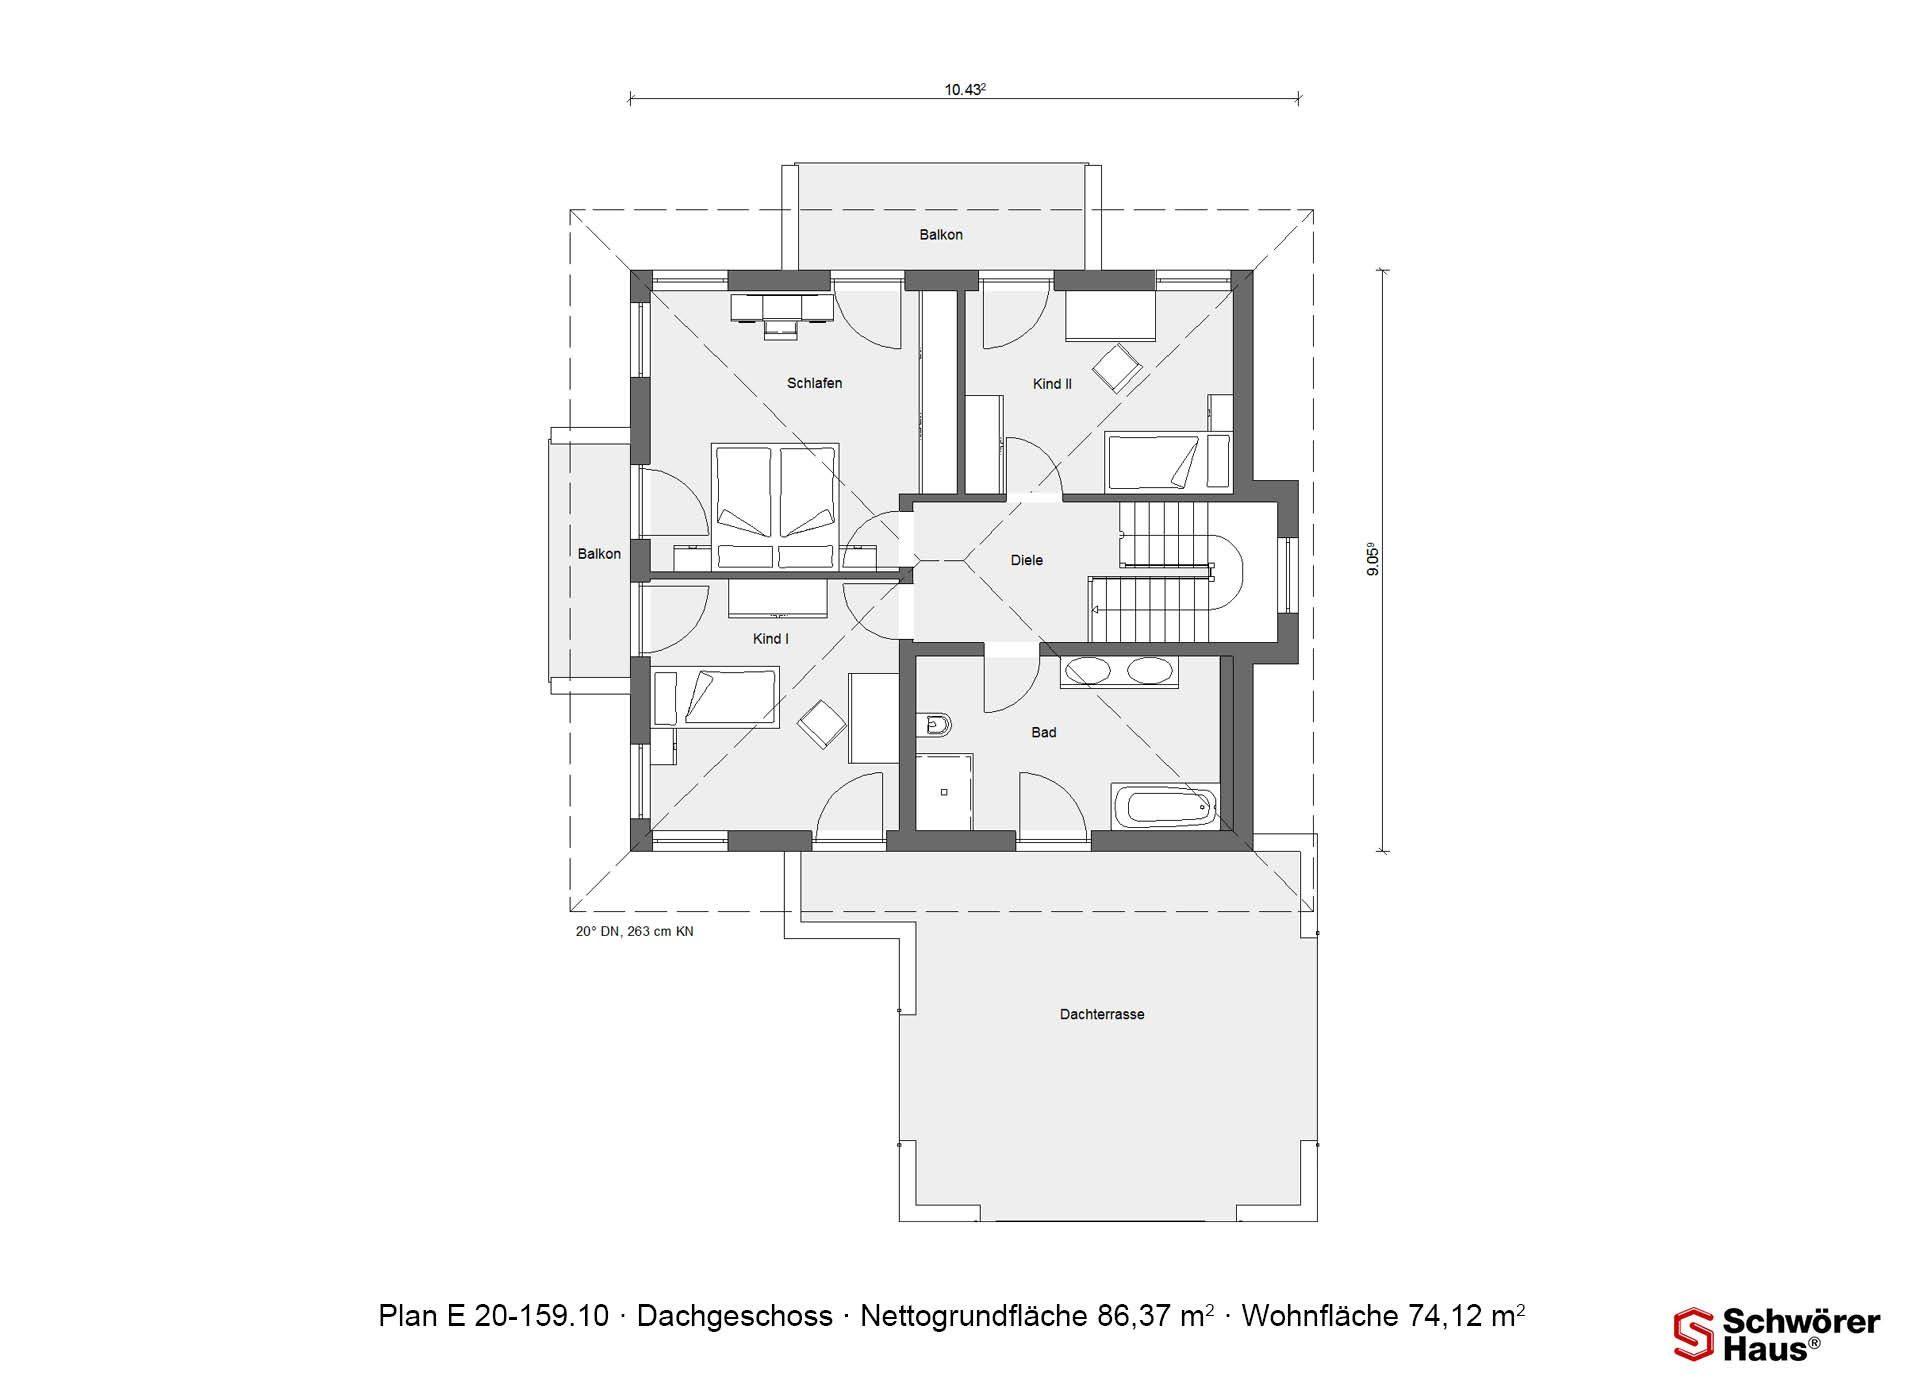 WärmeDirektHaus Plan 319.2 - Eine nahaufnahme von text auf einem schwarzen hintergrund - Gramercy 1860